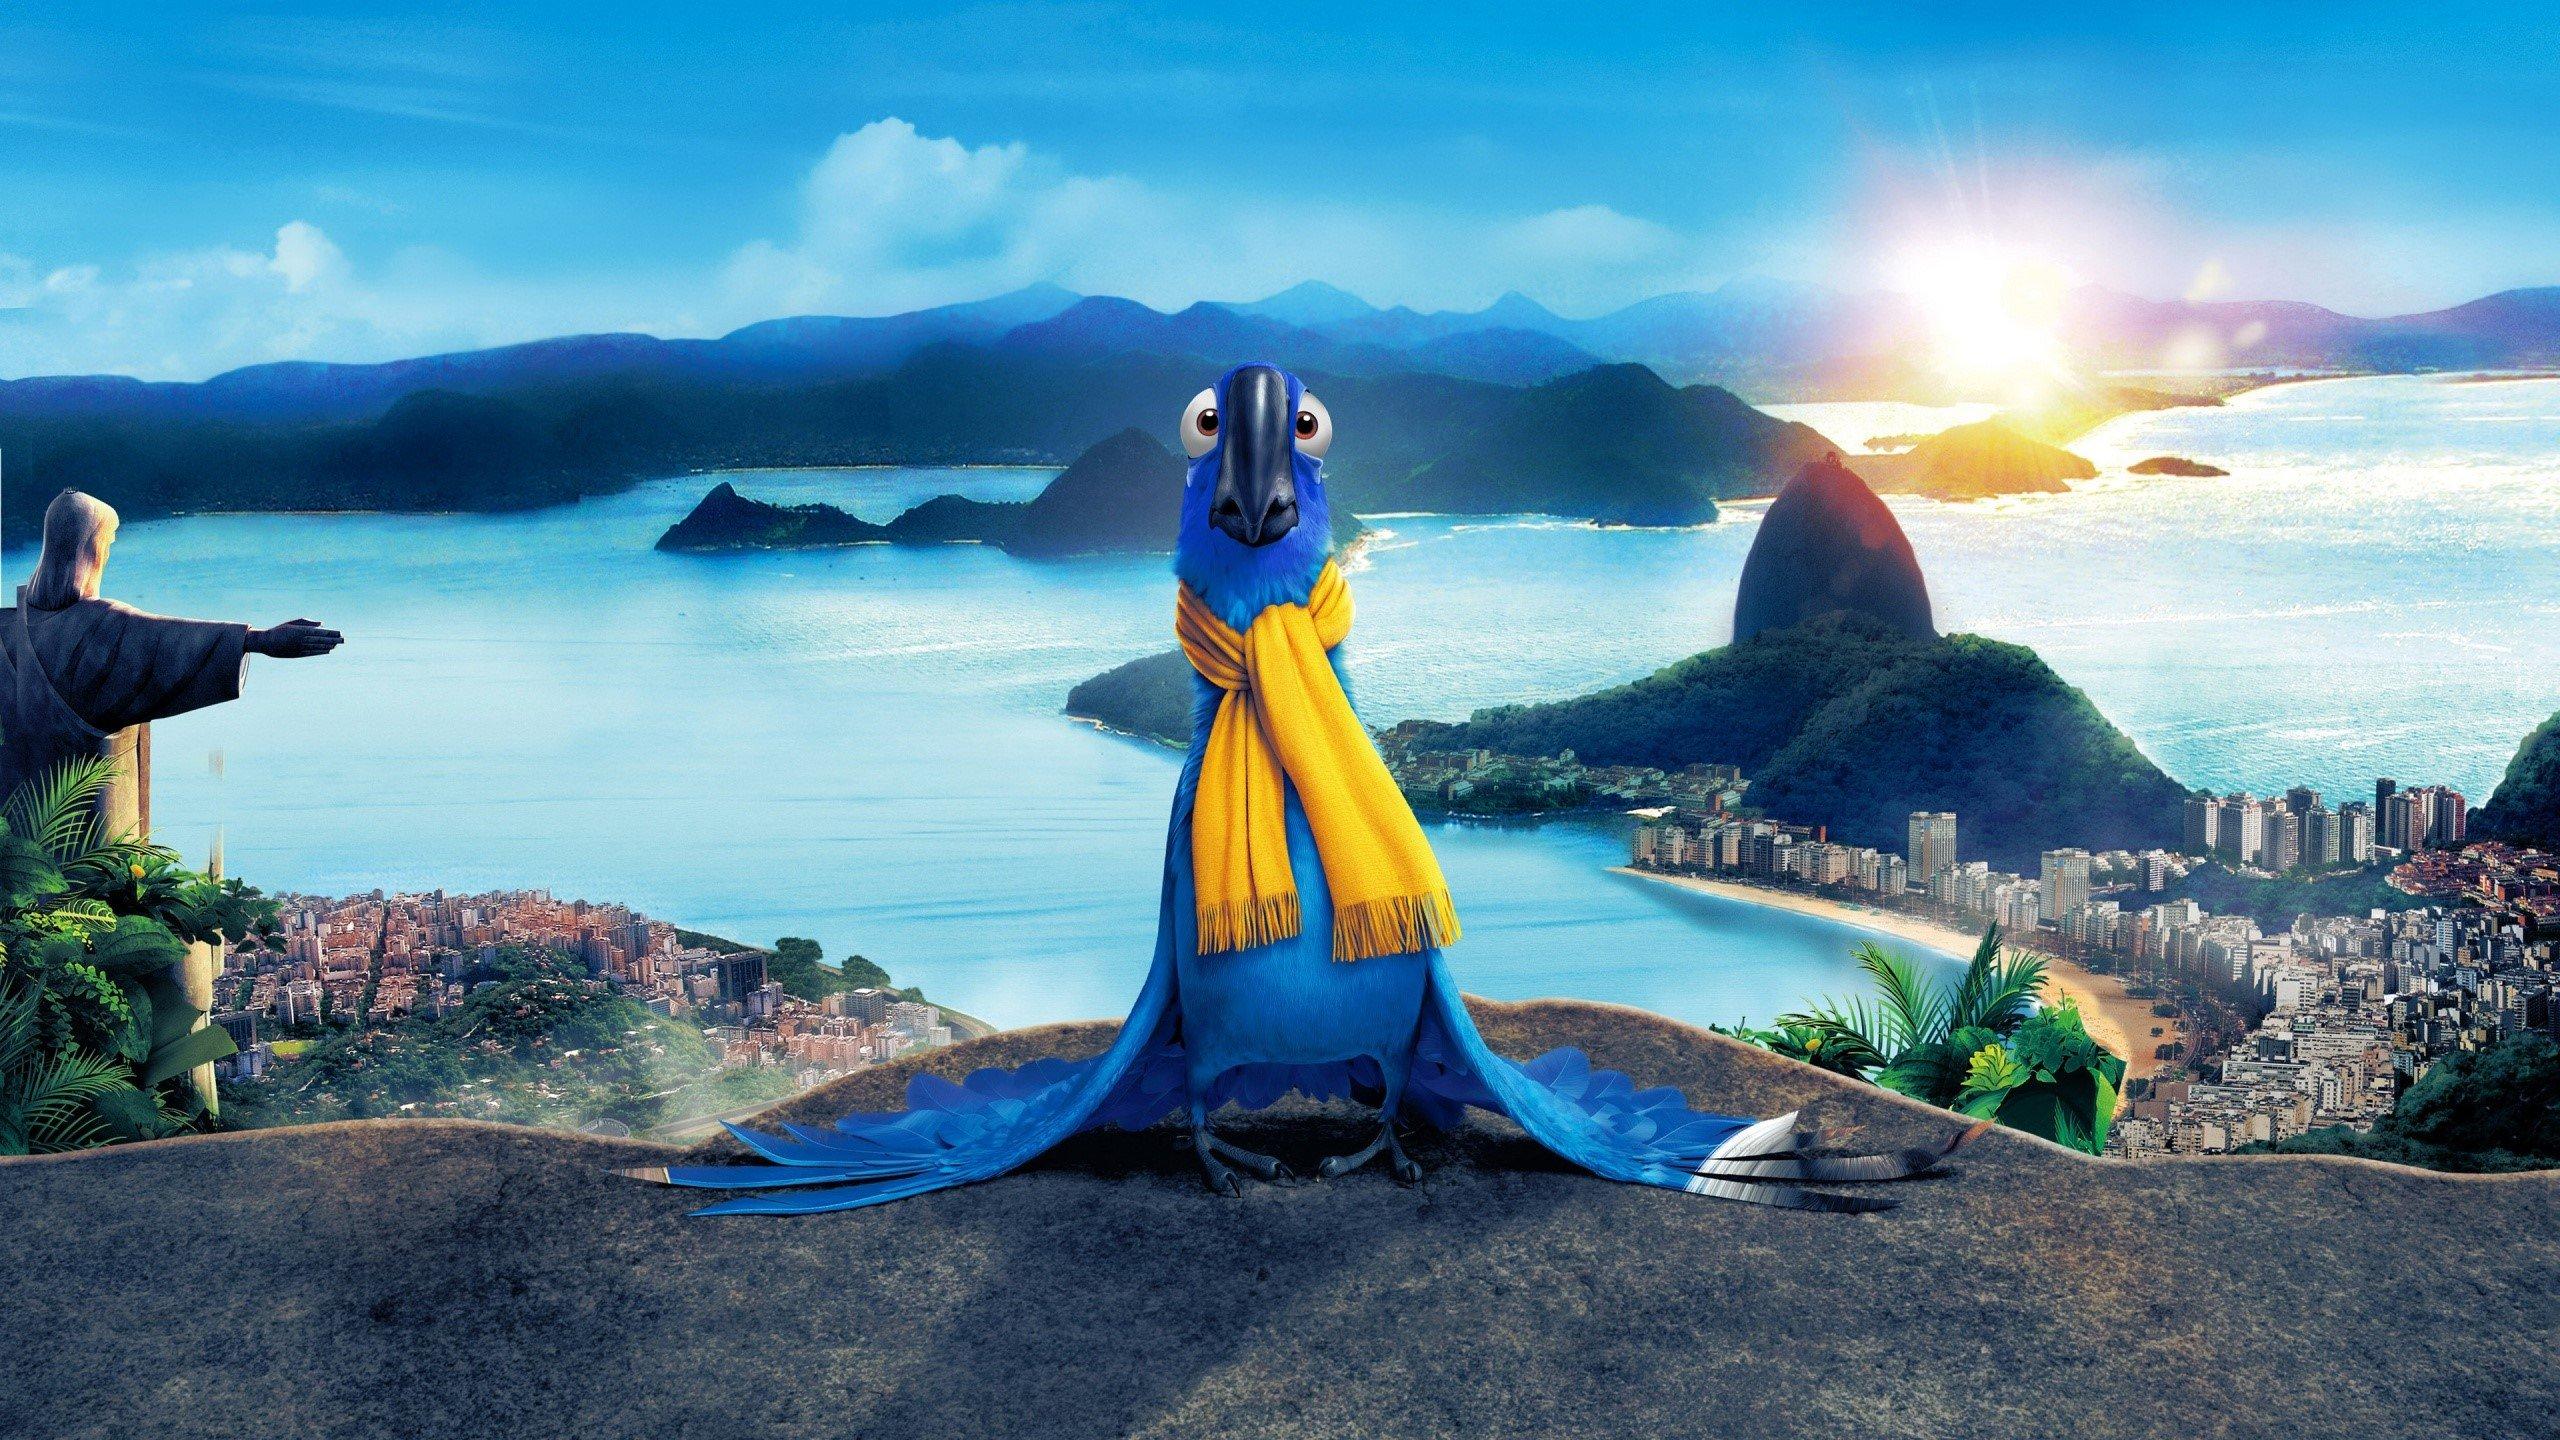 Fondo de pantalla de Rio en Blu Imágenes